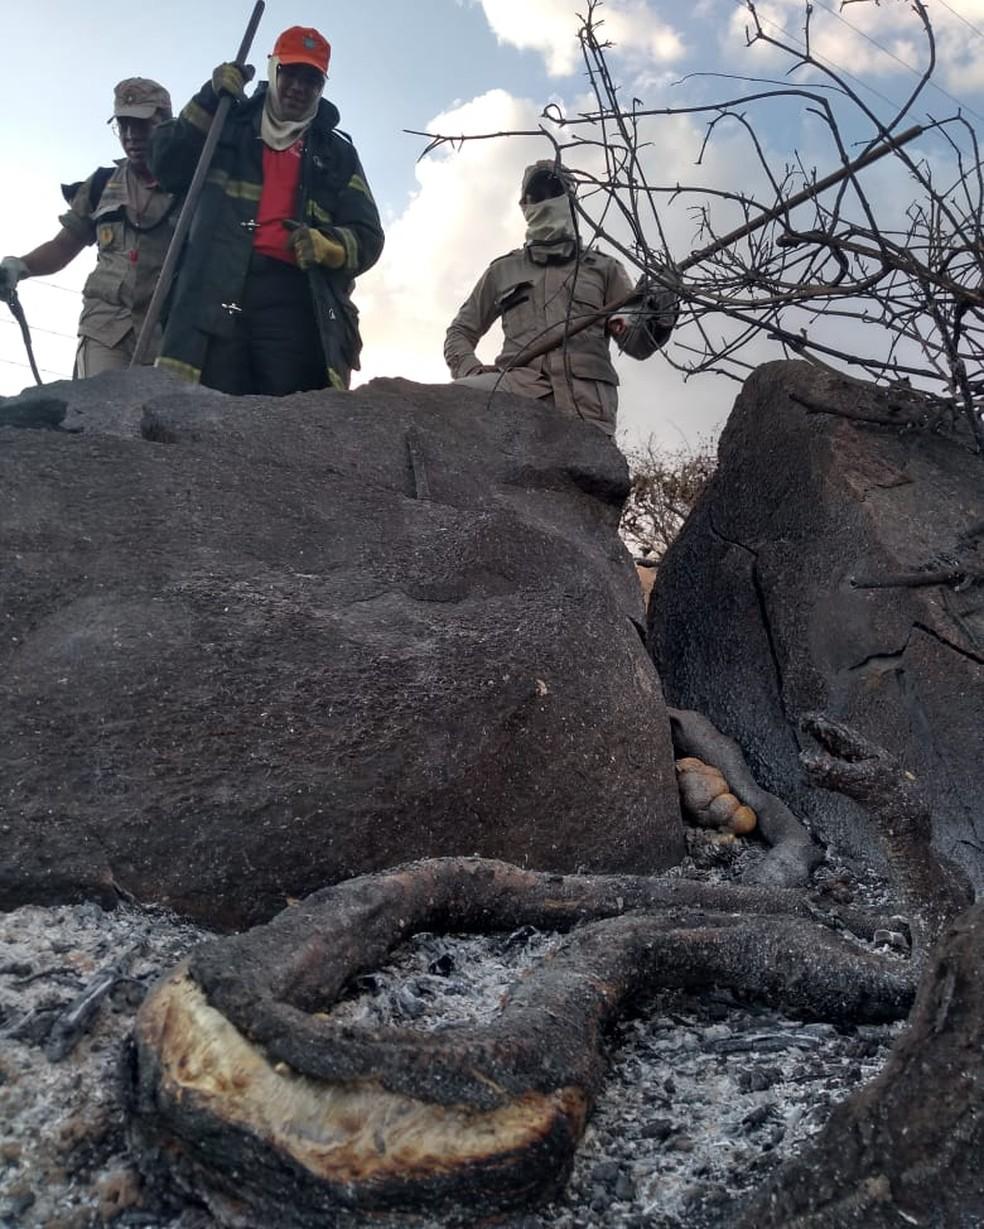 Cobras foram localizadas por bombeiros de Limoeiros do Norte, que combatem as chamas na região. — Foto: Marceliano Nascimento/ Arquivo pessoal